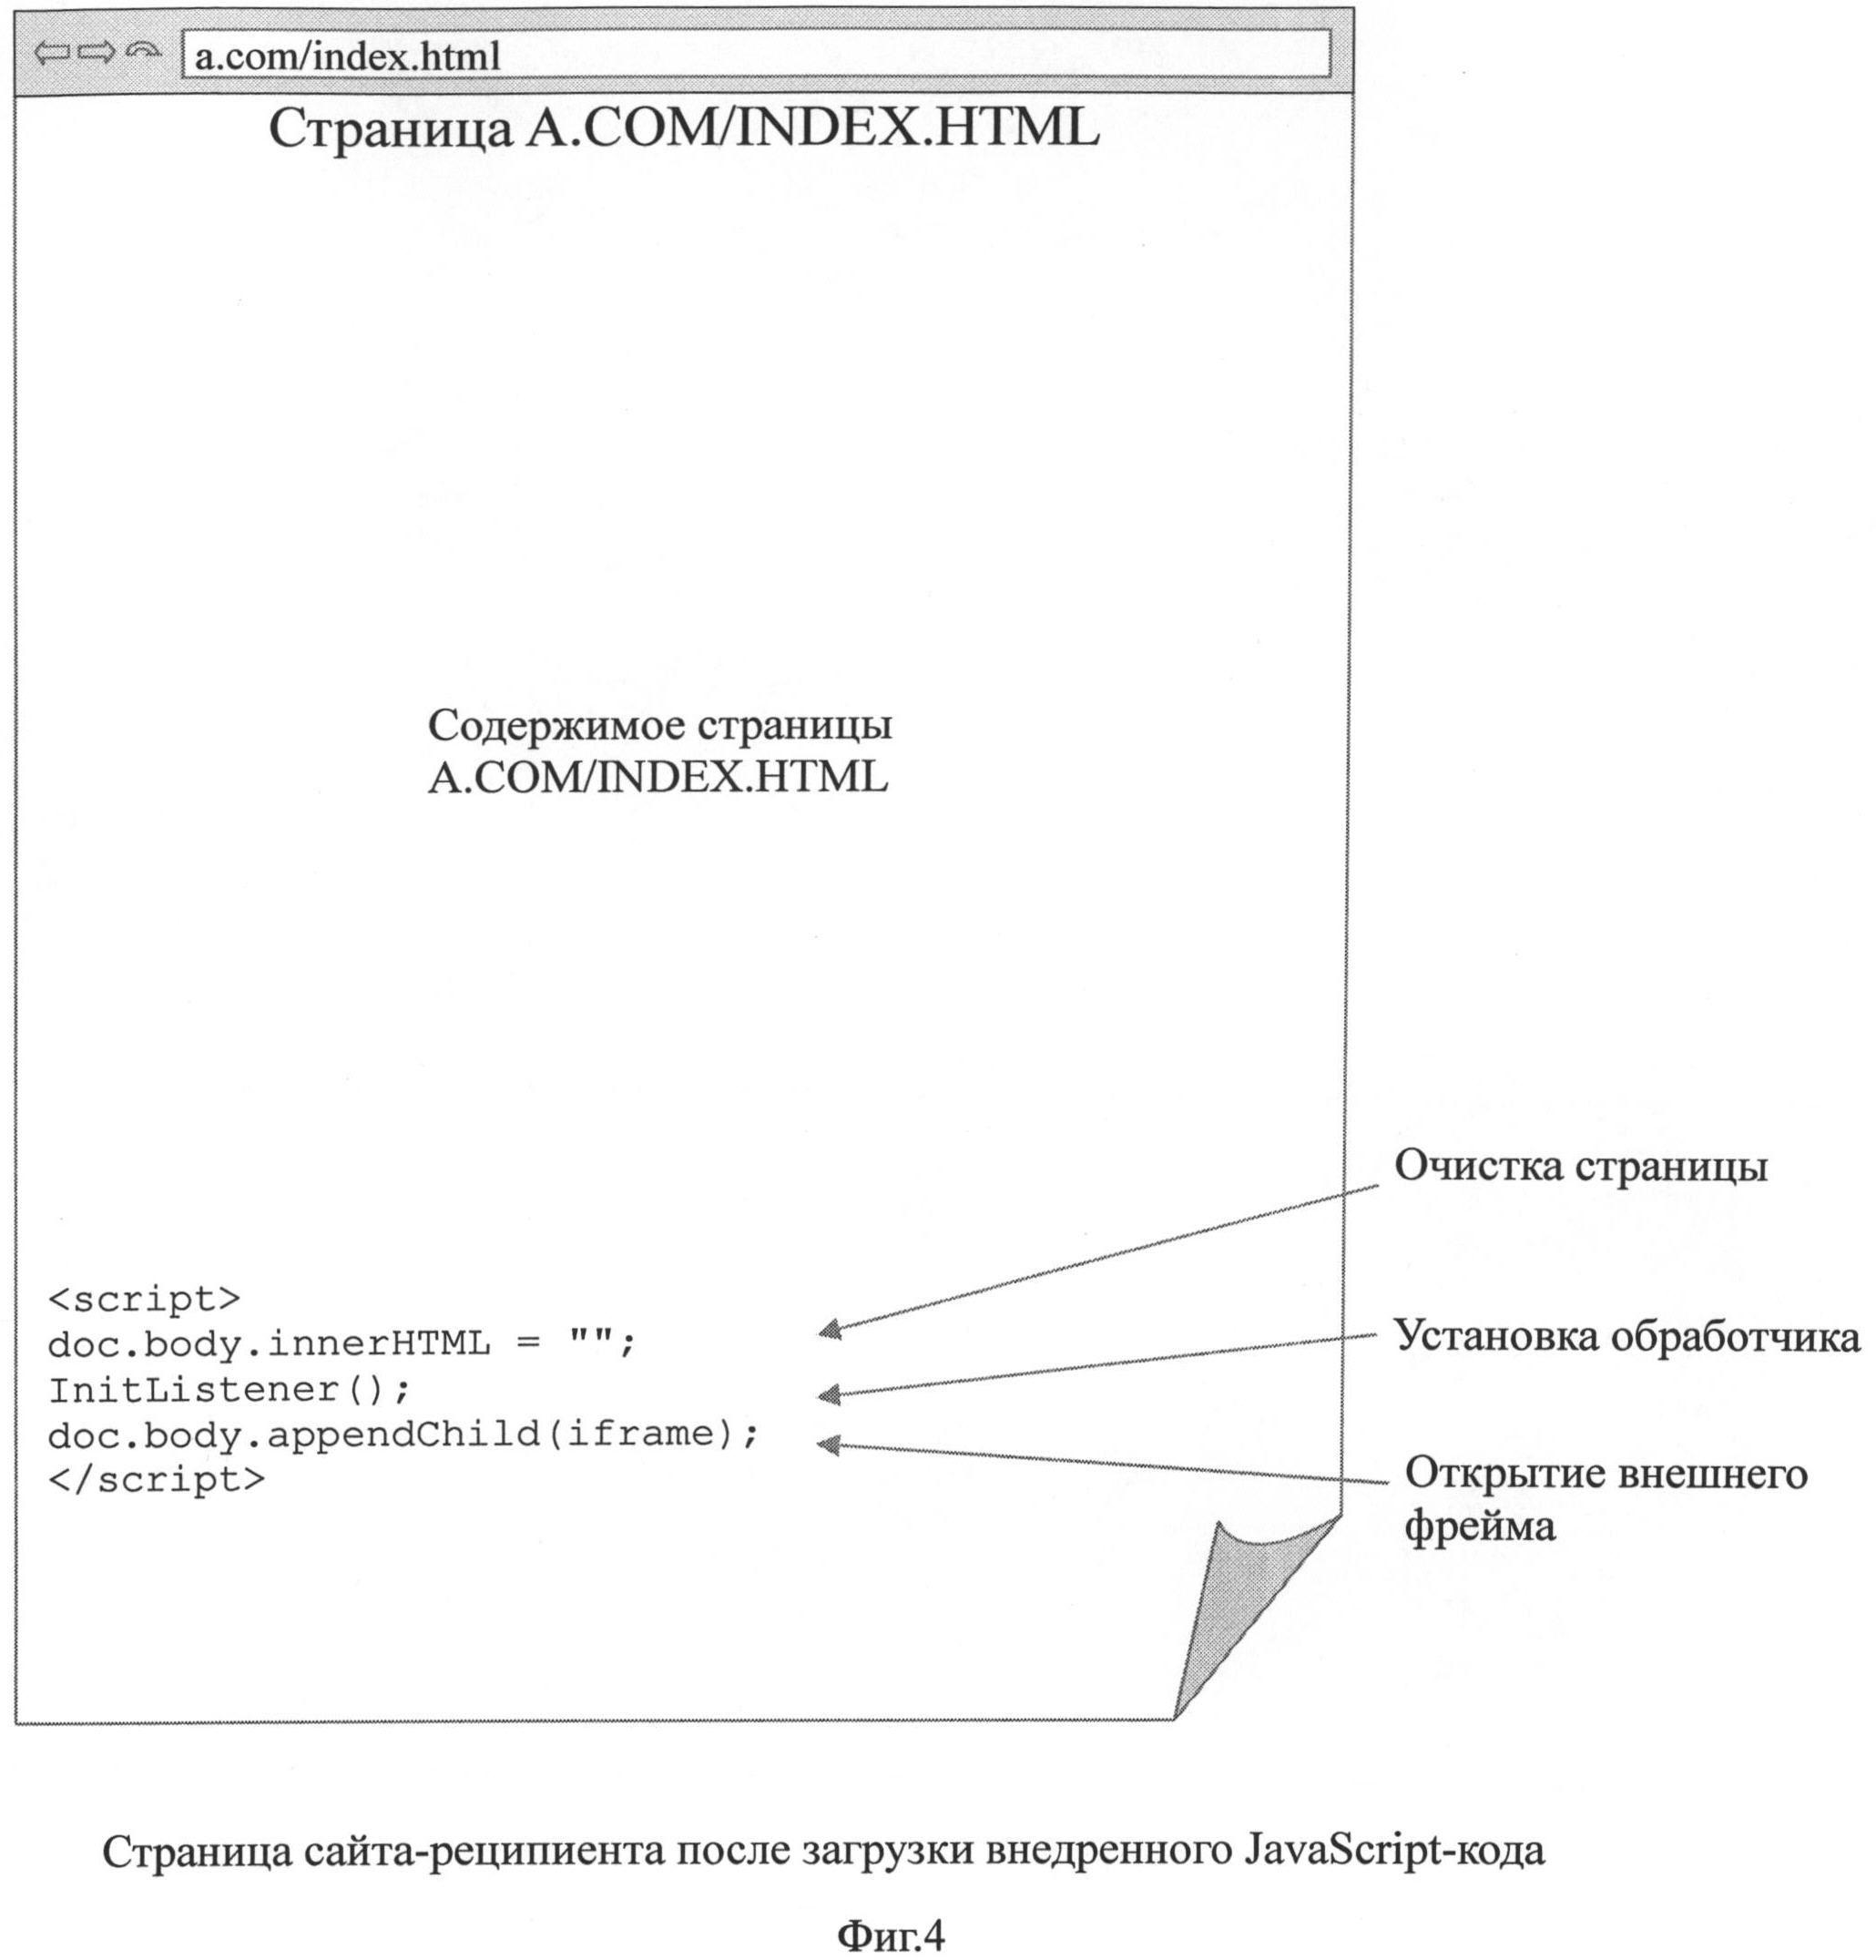 Способ интеграции сайта в сайт